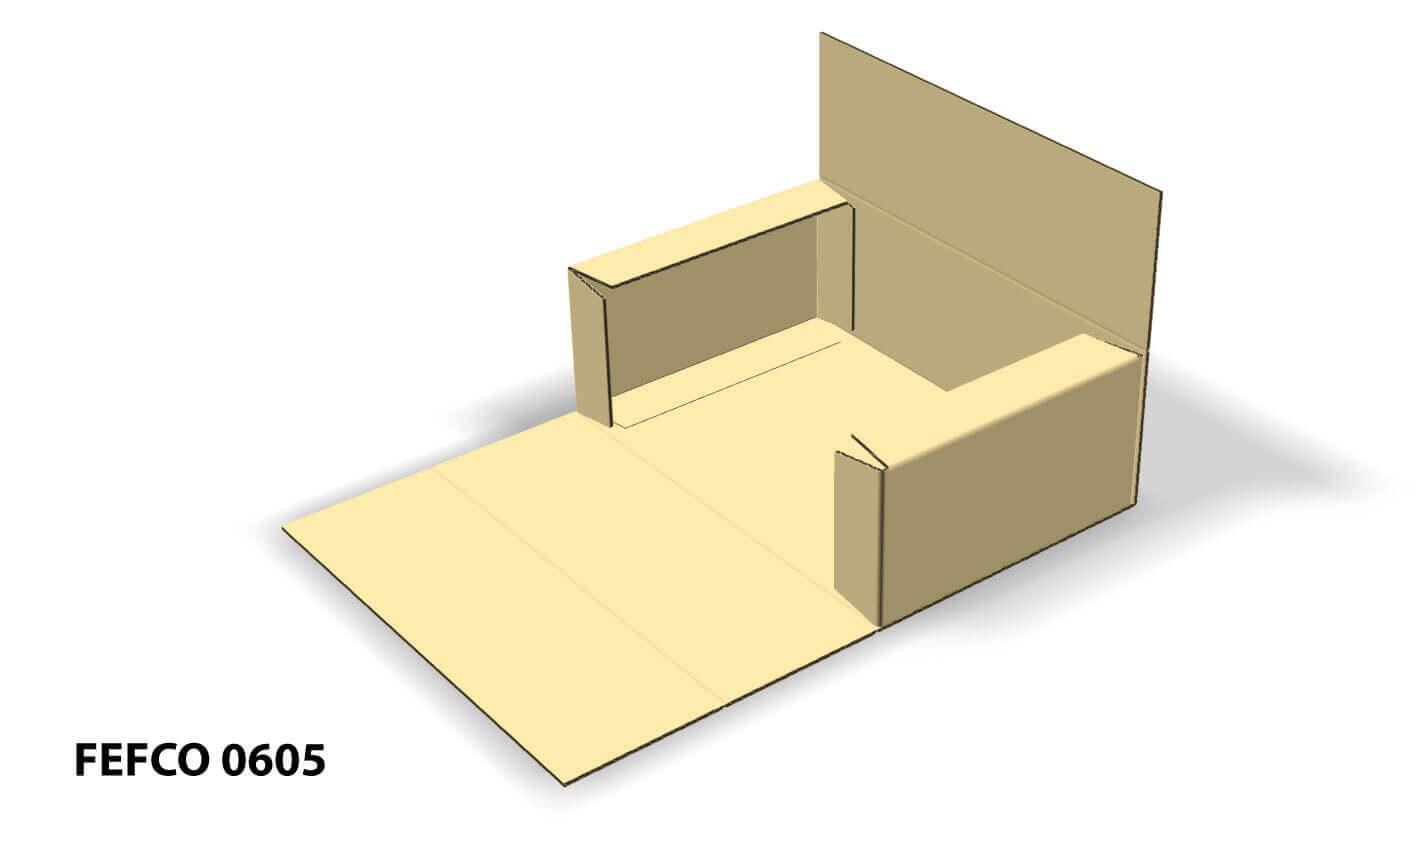 Imagen 3D de caja Fefco 0605